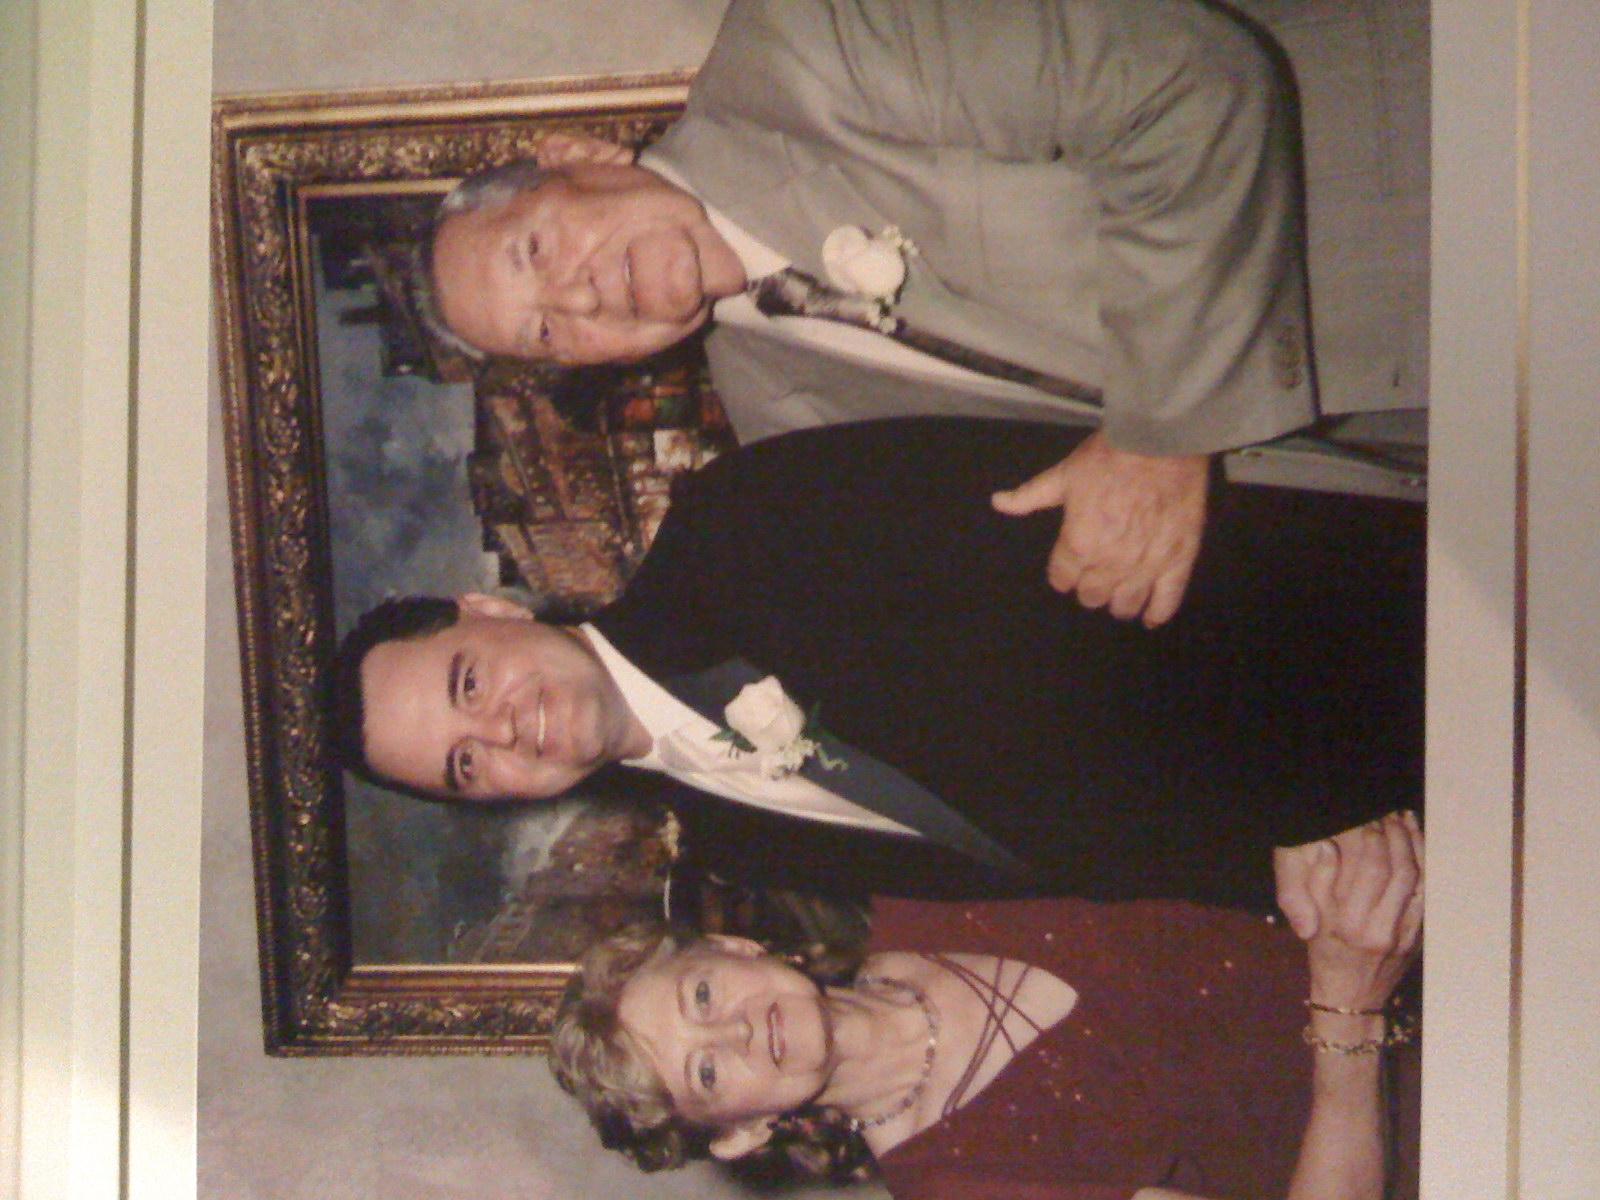 Robert and Melissa wedding in 2005